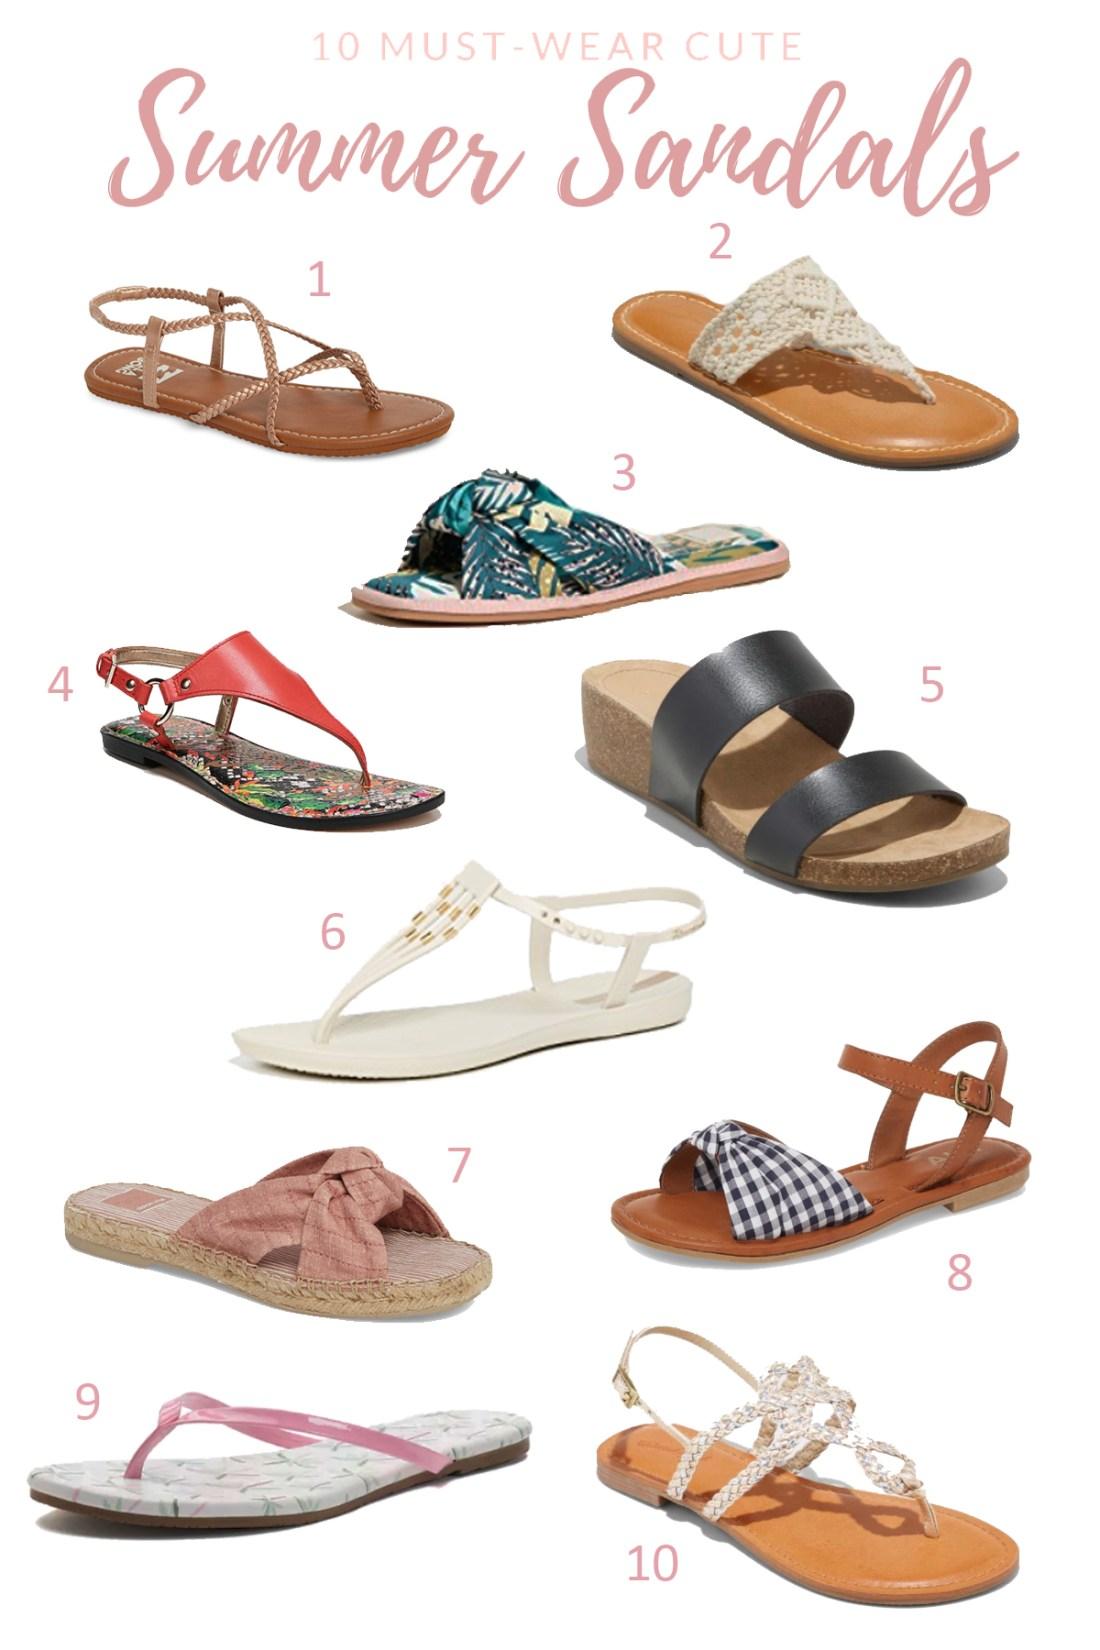 10 Cute Summer Sandals Under $50 | A Good Hue